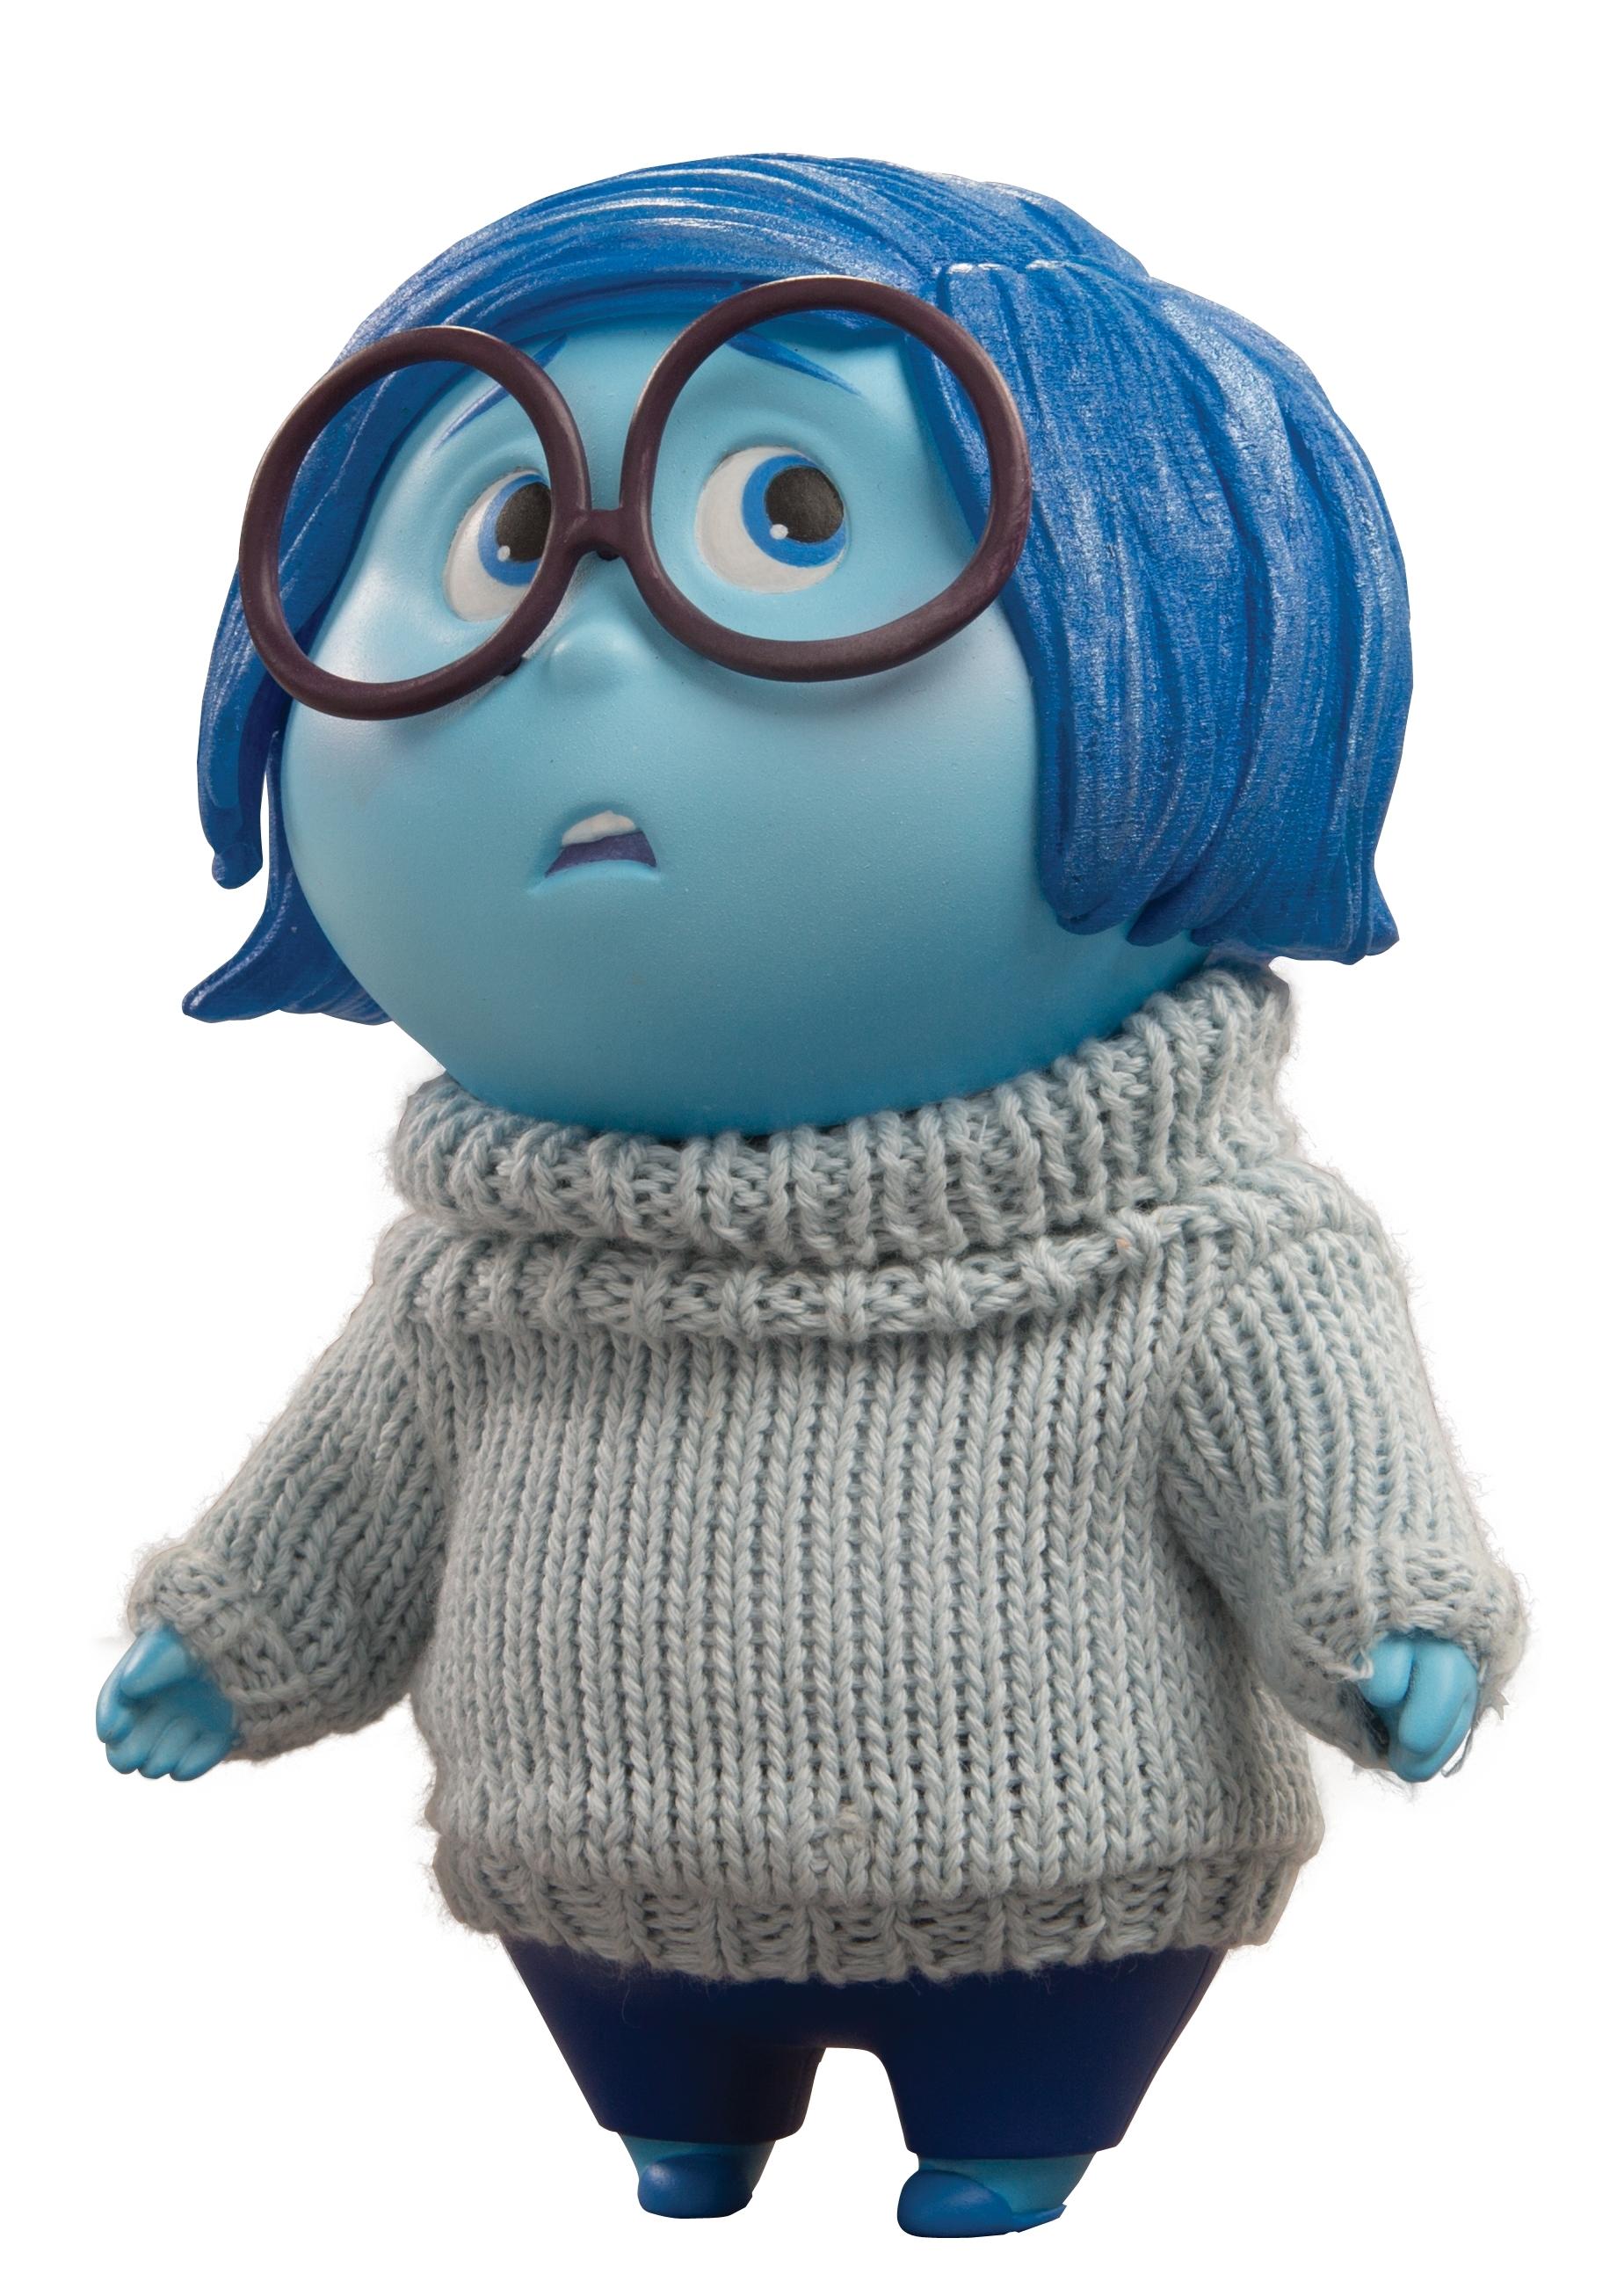 Disney Pixar Amp Tomy Get Ready For Pixar S Inside Out